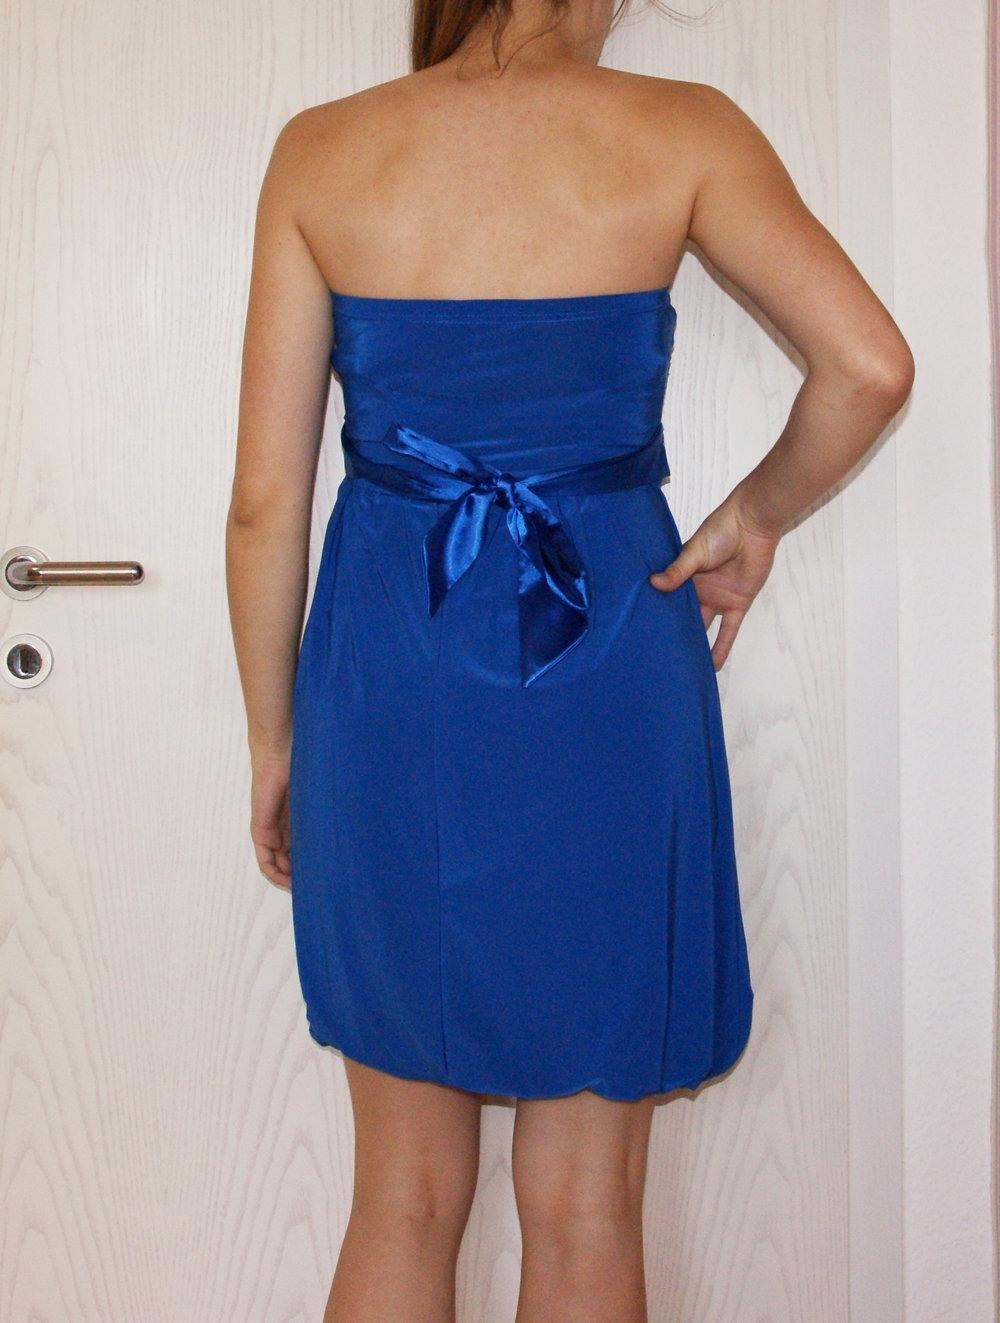 Designer Fantastisch Blaues Kleid Hochzeit Bester PreisAbend Großartig Blaues Kleid Hochzeit für 2019